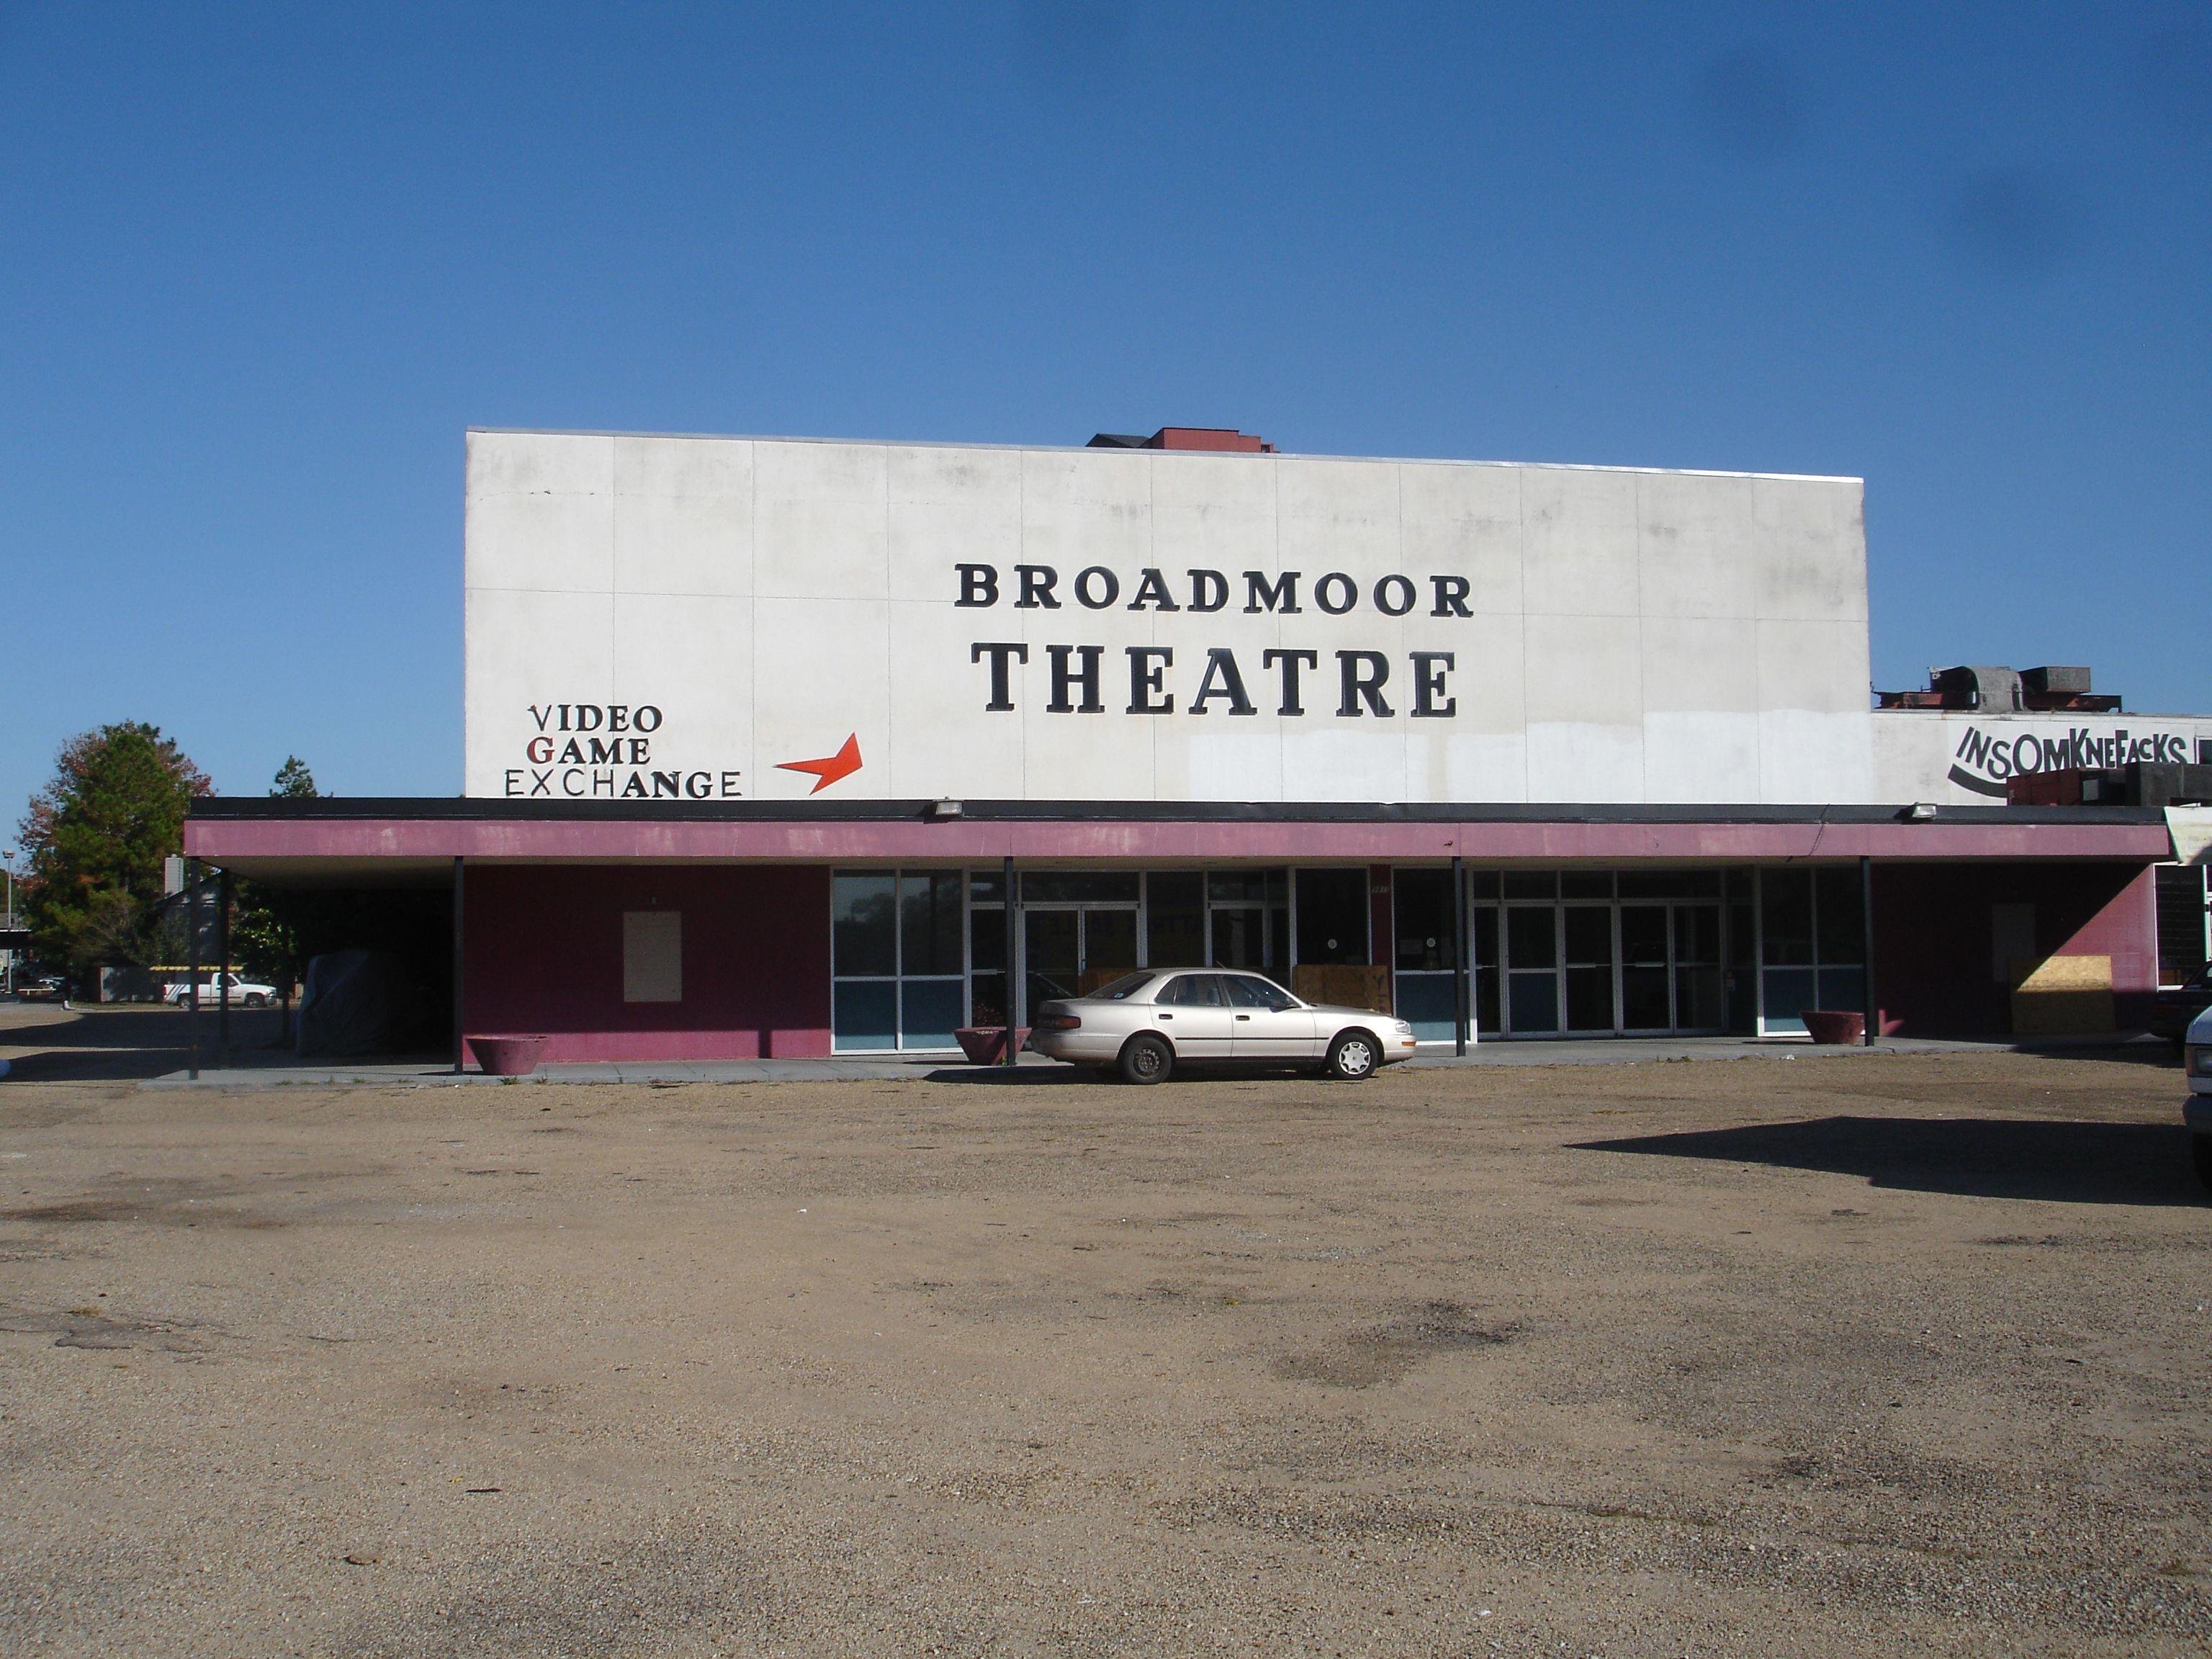 Broadmoor theatre merchants landing flea market and more